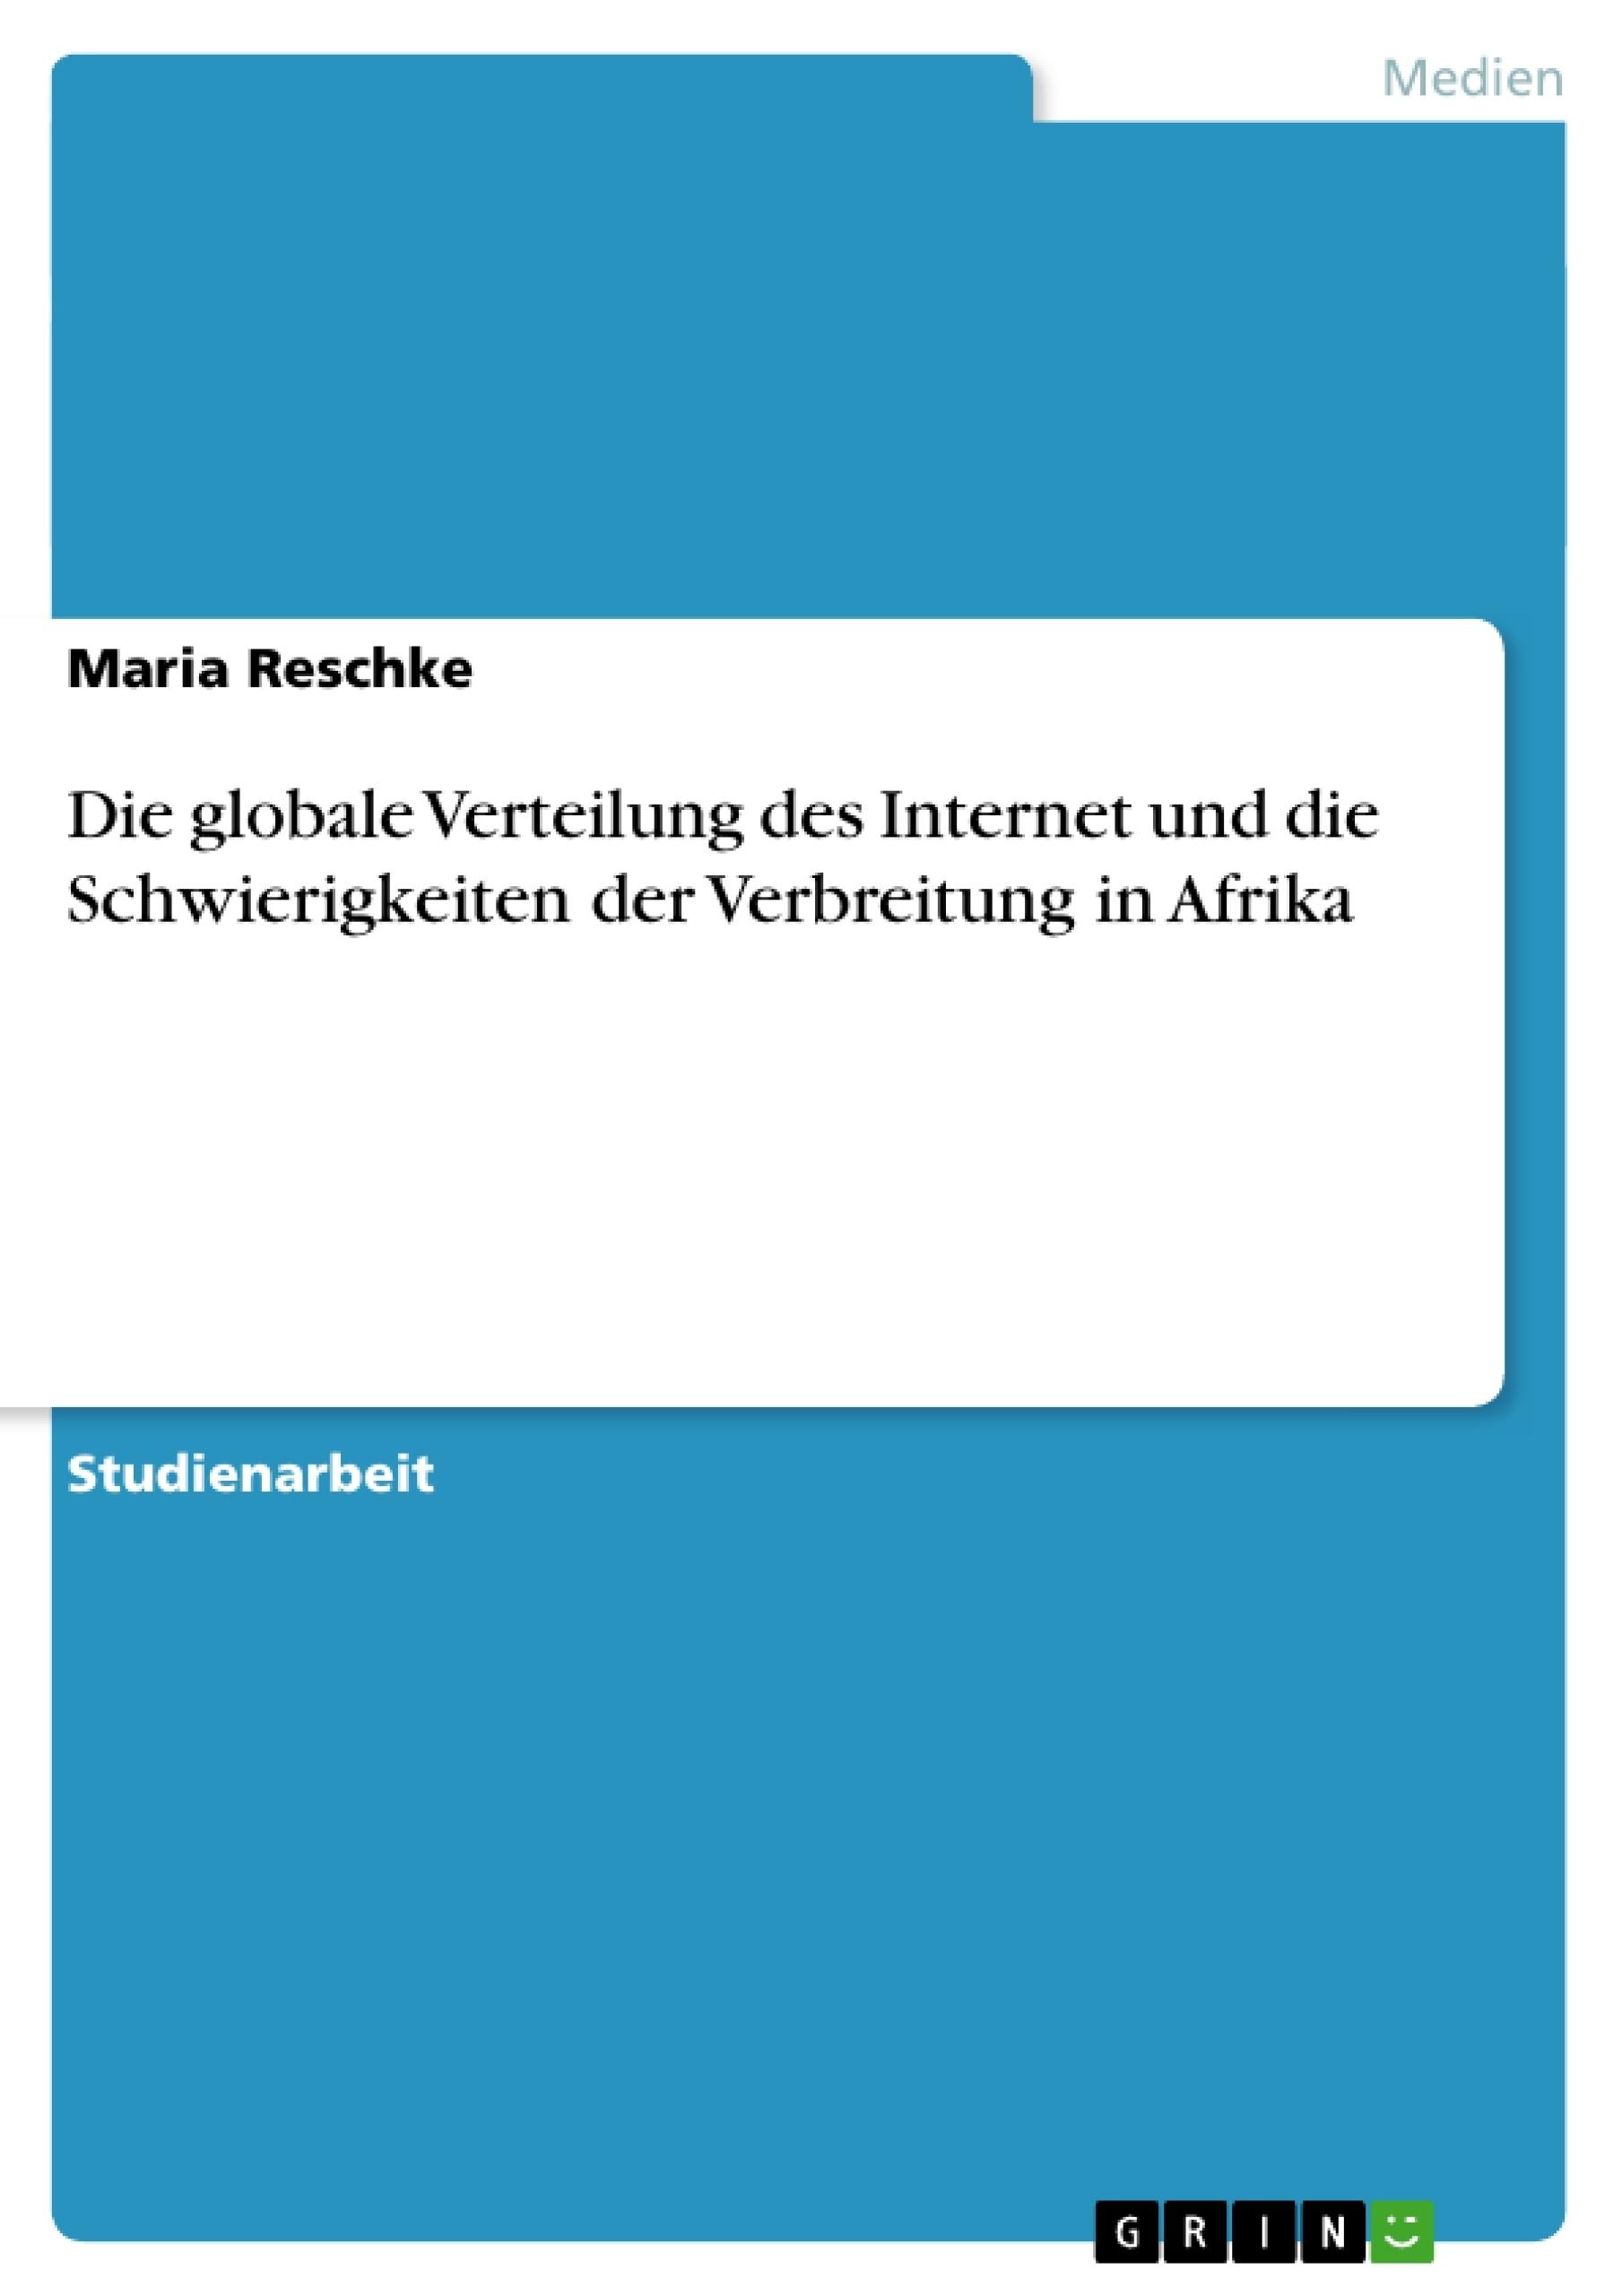 Titel: Die globale Verteilung des Internet und die Schwierigkeiten der Verbreitung in Afrika